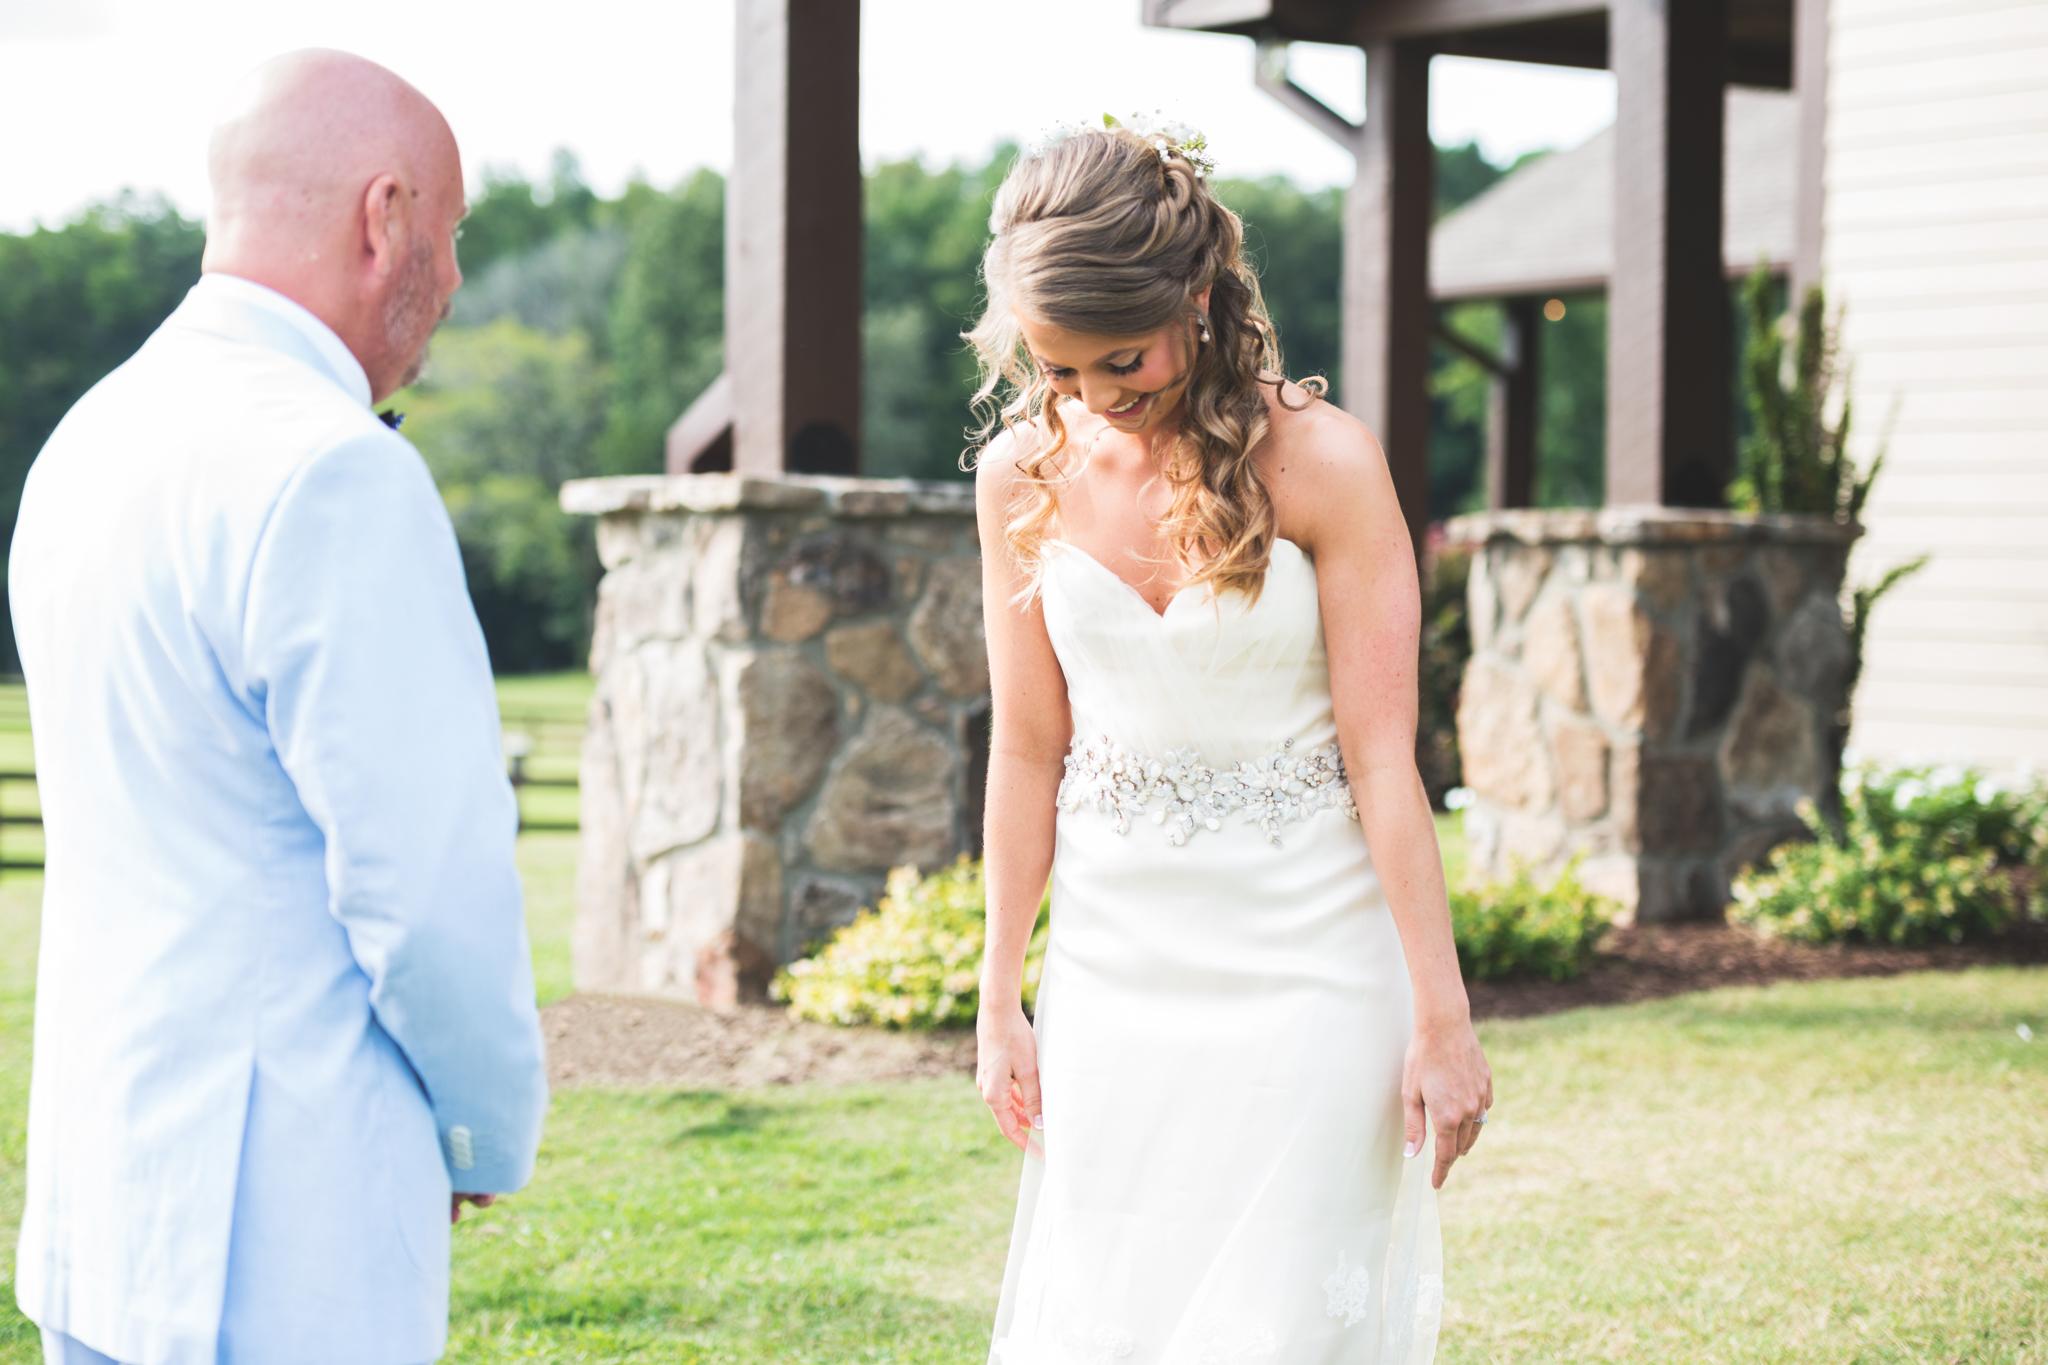 Wedding_Kyle&TaylorGilseth_Blog-54.jpg